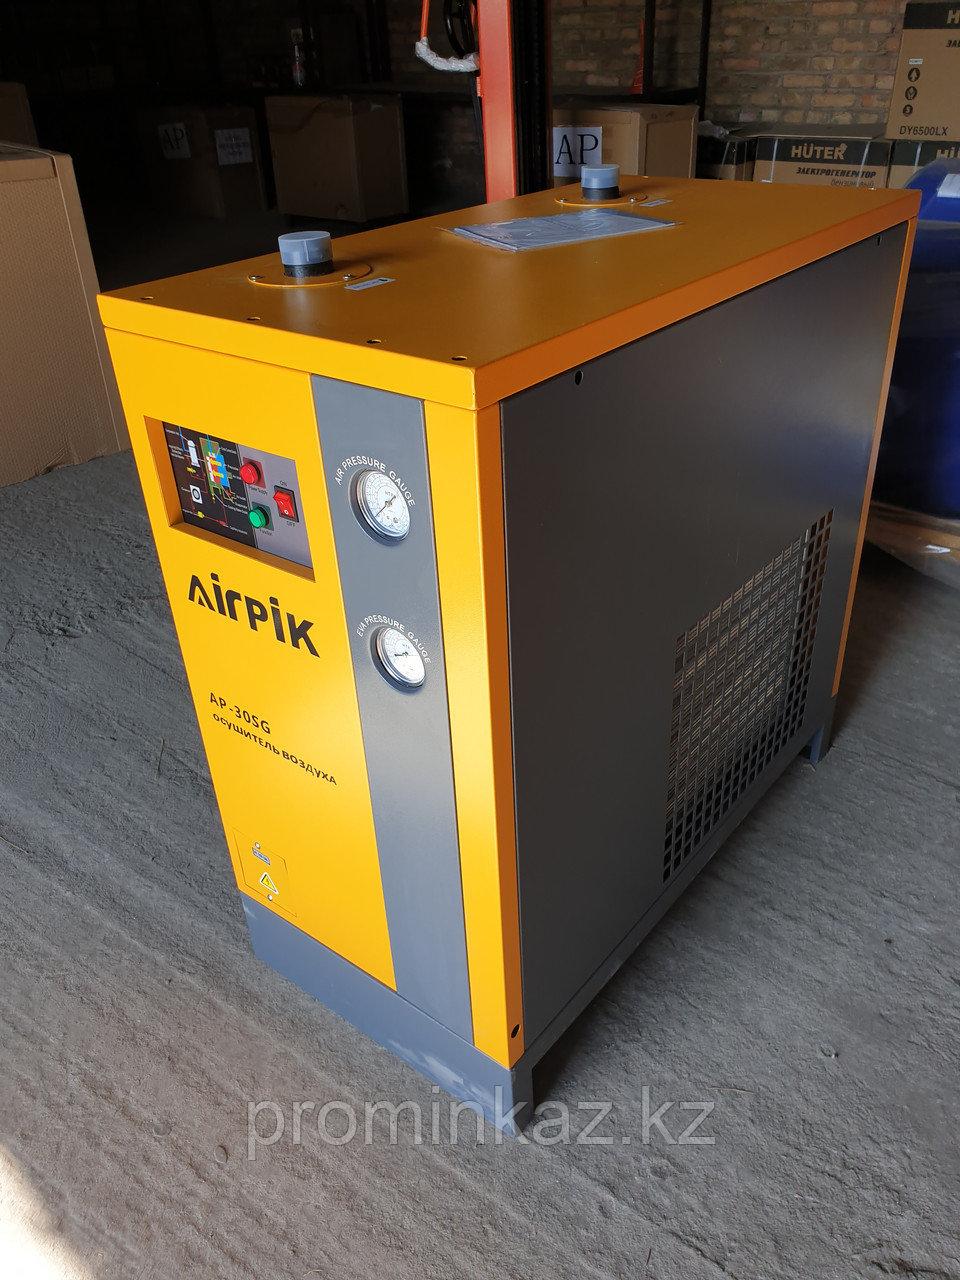 Осушитель воздуха AP-30/10, - 3,8 м3/мин, AirPIK